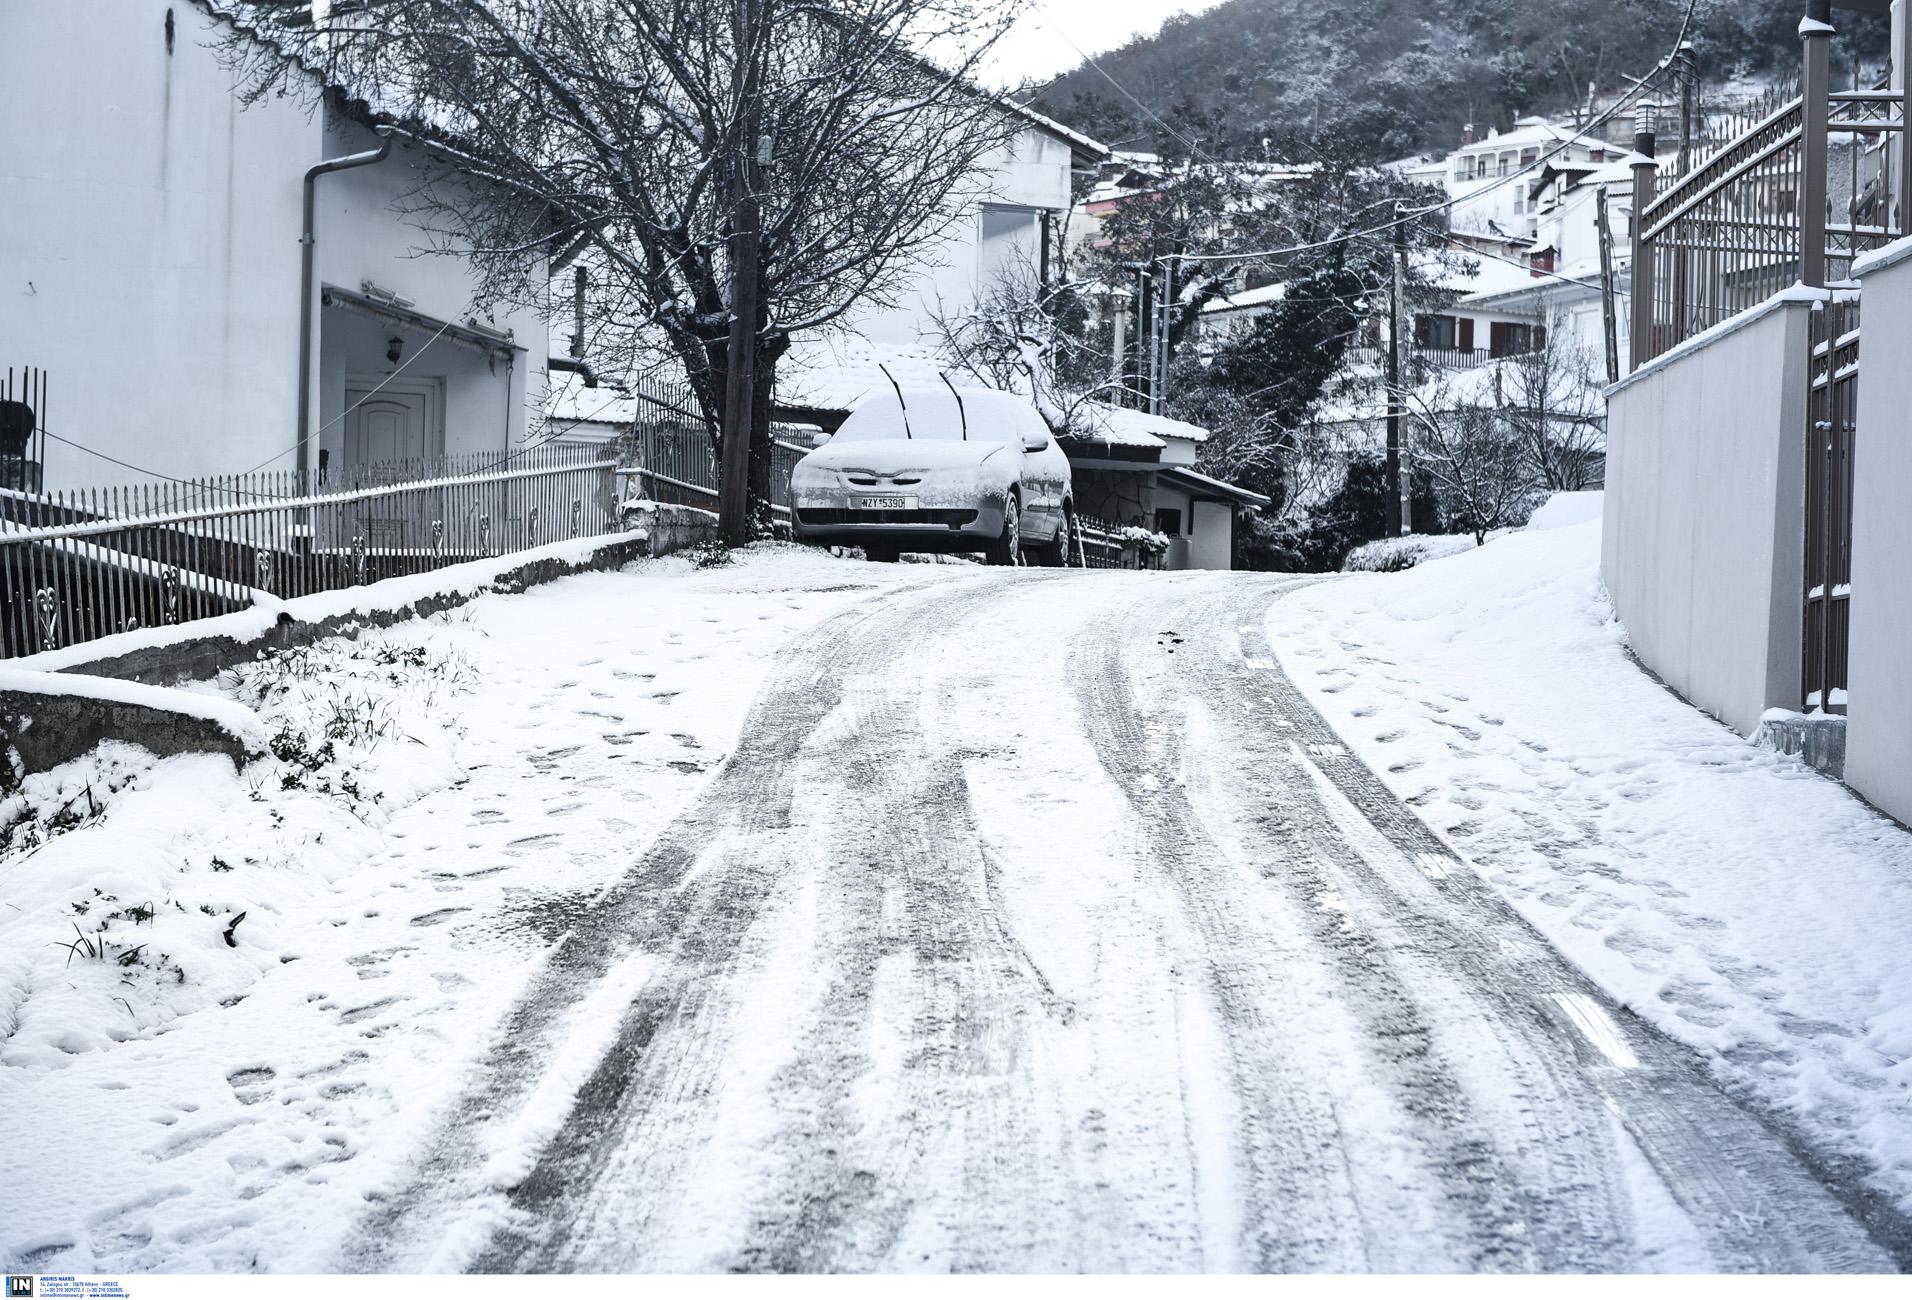 Καιρός σήμερα: Η Μήδεια φέρνει πολικό ψύχος – Πού θα χιονίσει και πού θα βρέξει